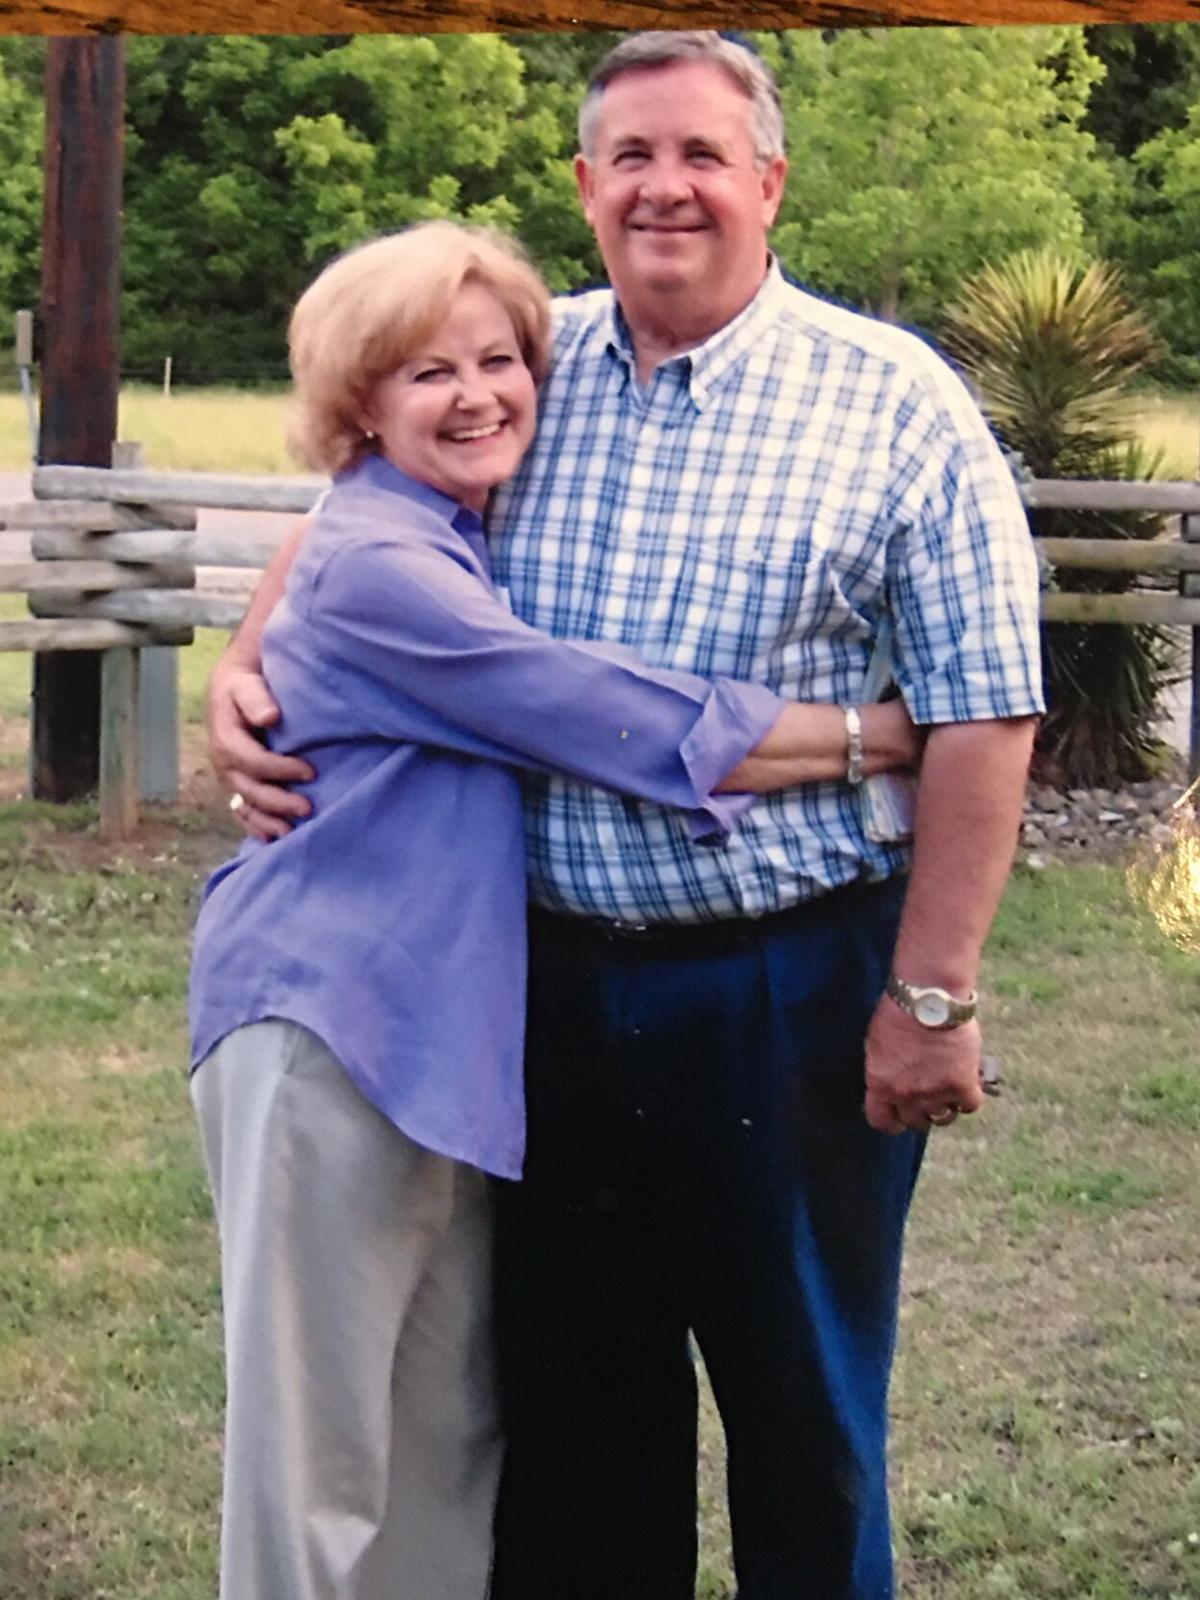 Joe and Linda McGee